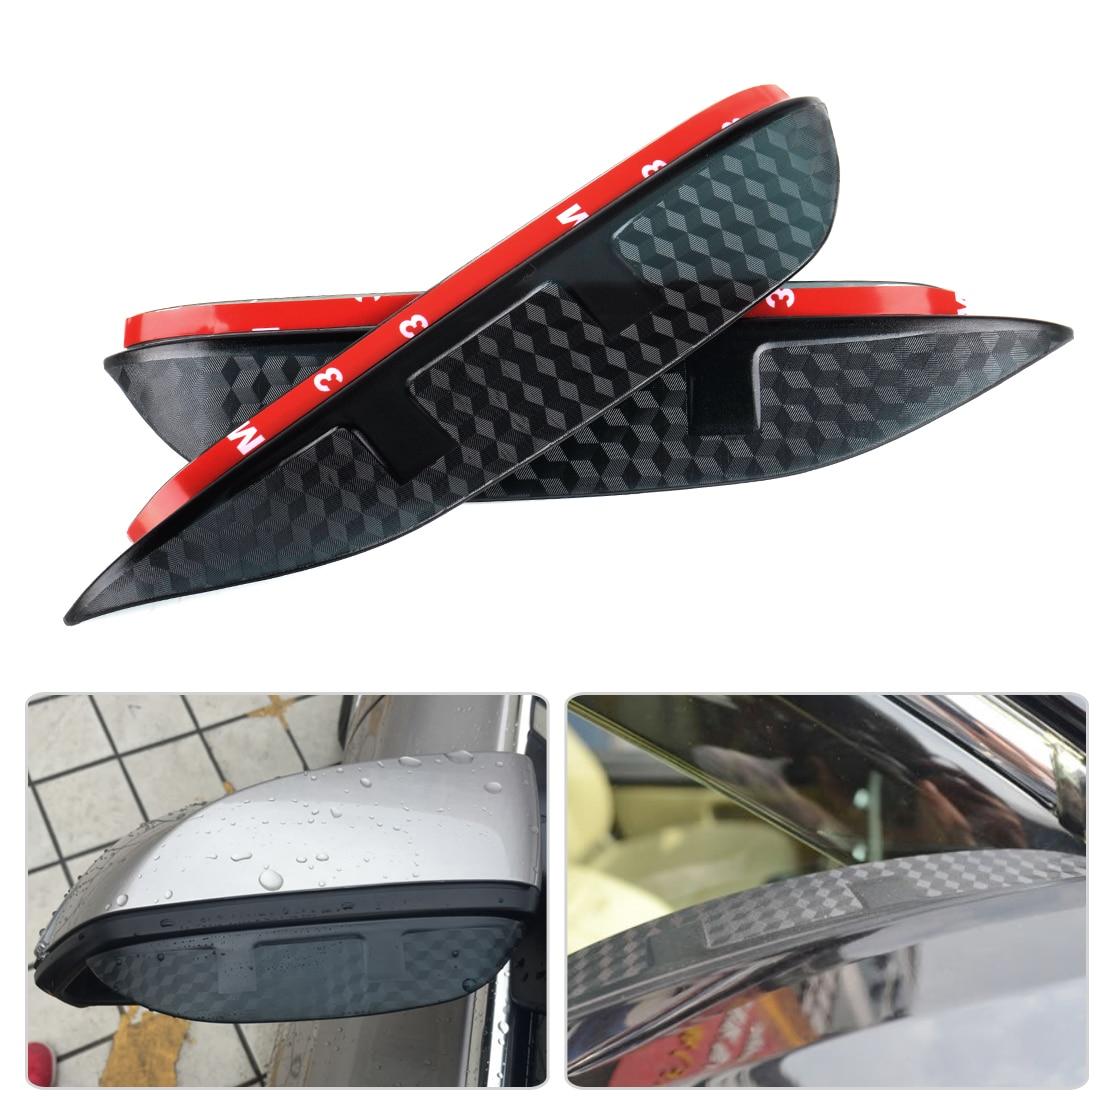 SNCN 1 paio Rearview Pioggia Sopracciglio Protezione Della Copertura Della Porta Laterale Specchio Visor Shield Misura per Volkswagen Polo Passat B6 B7 b8 Golf mk 5 6 7